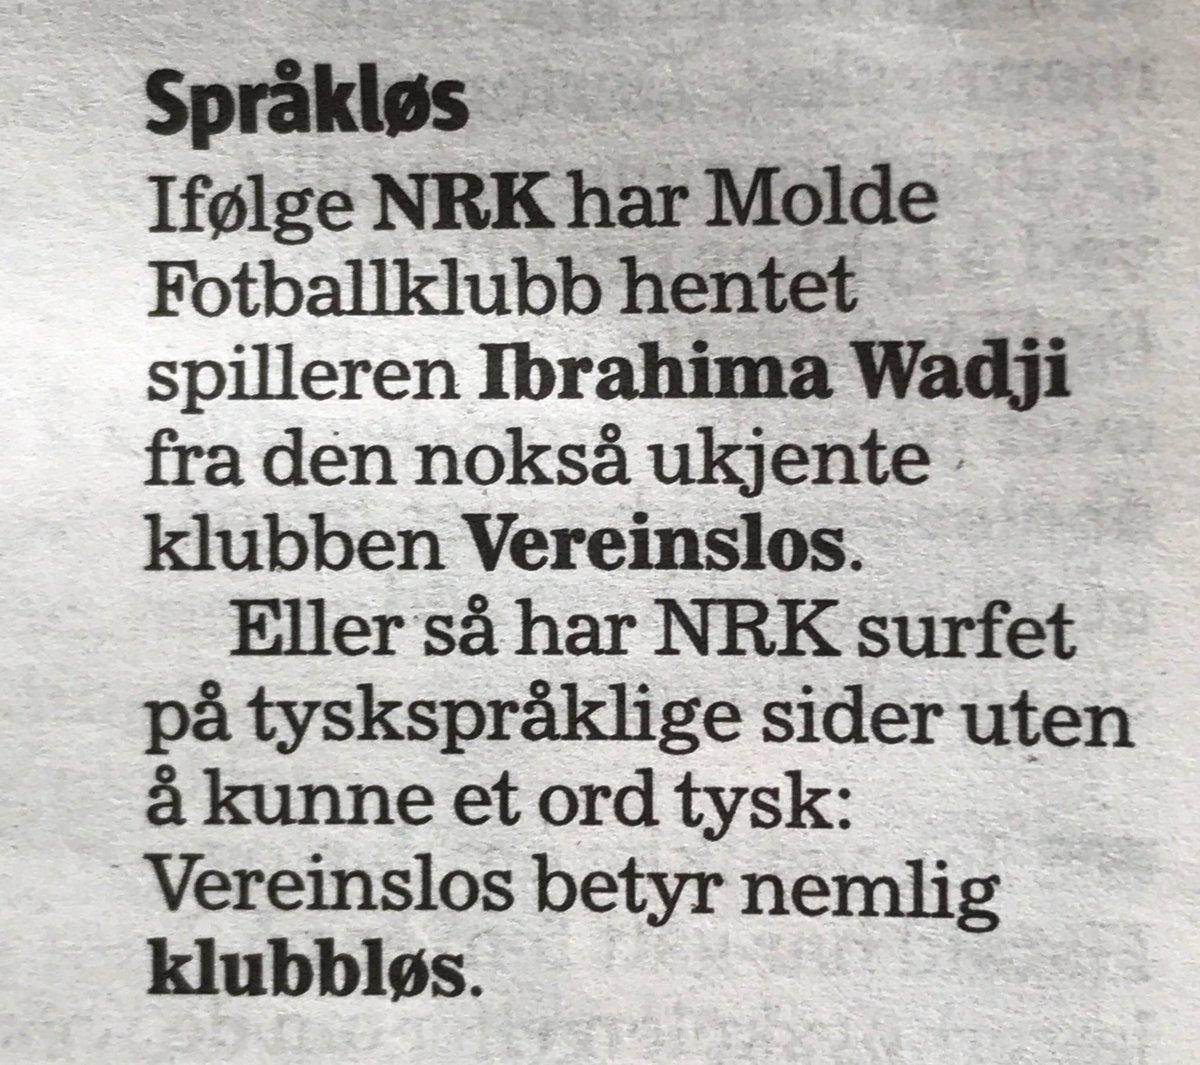 Hahaha, nydelig @NRK_Sport og @Klassekampen! #fotball @SillySeasonNOR #fail https://t.co/GZGGwlVEsf